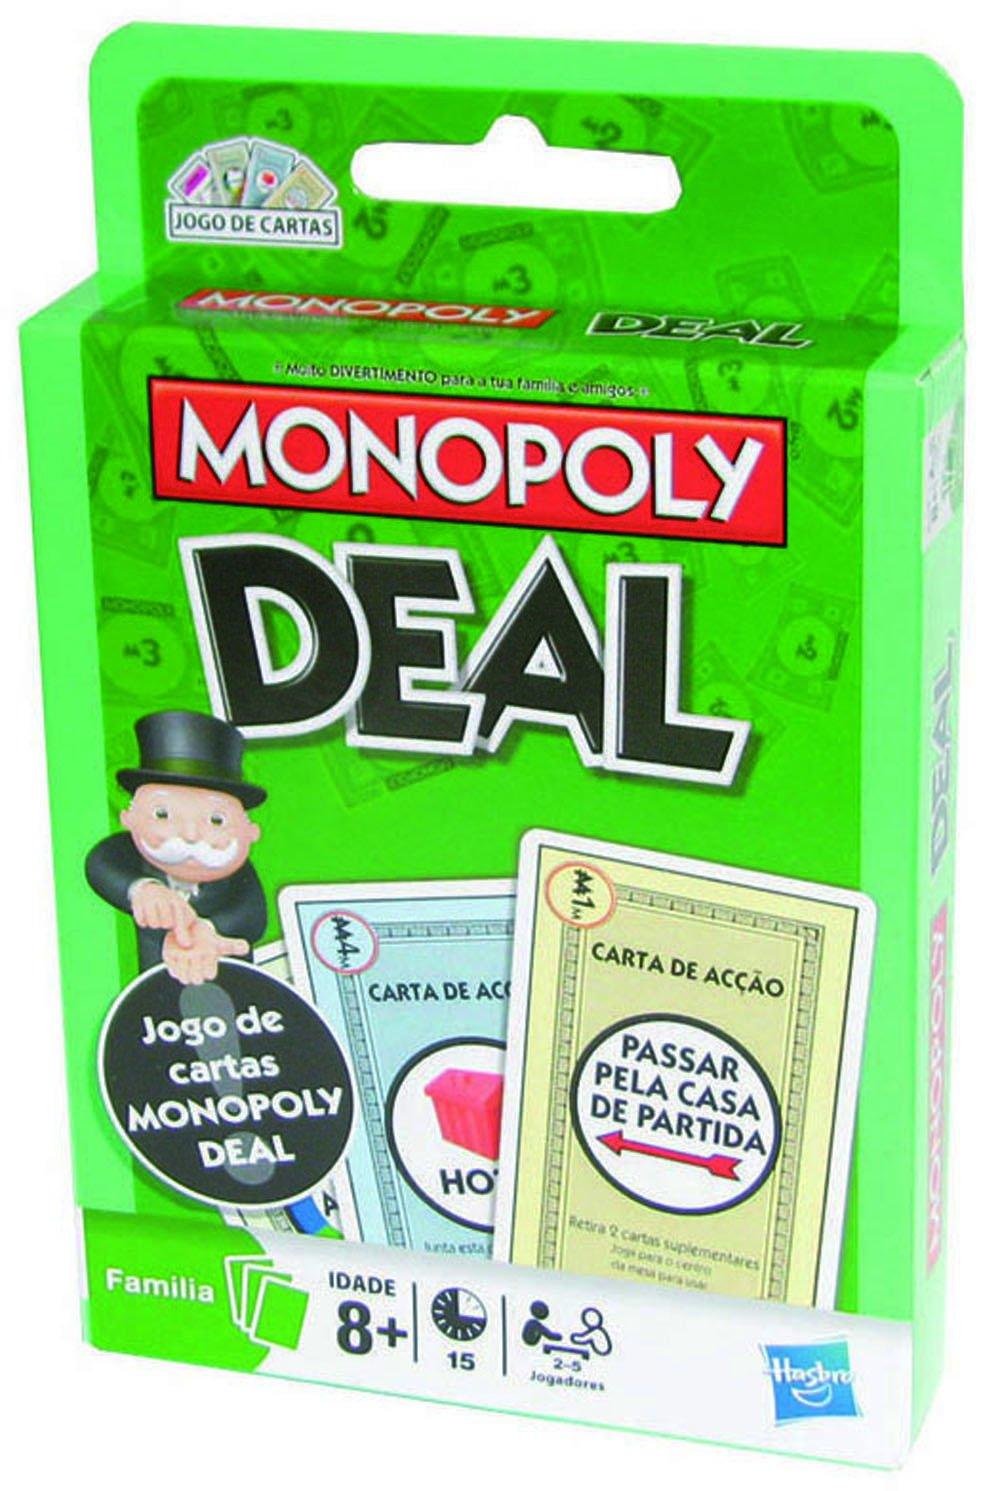 Hasbro 02231393 - Juego de cartas Monopoly (versión portugués): Amazon.es: Juguetes y juegos